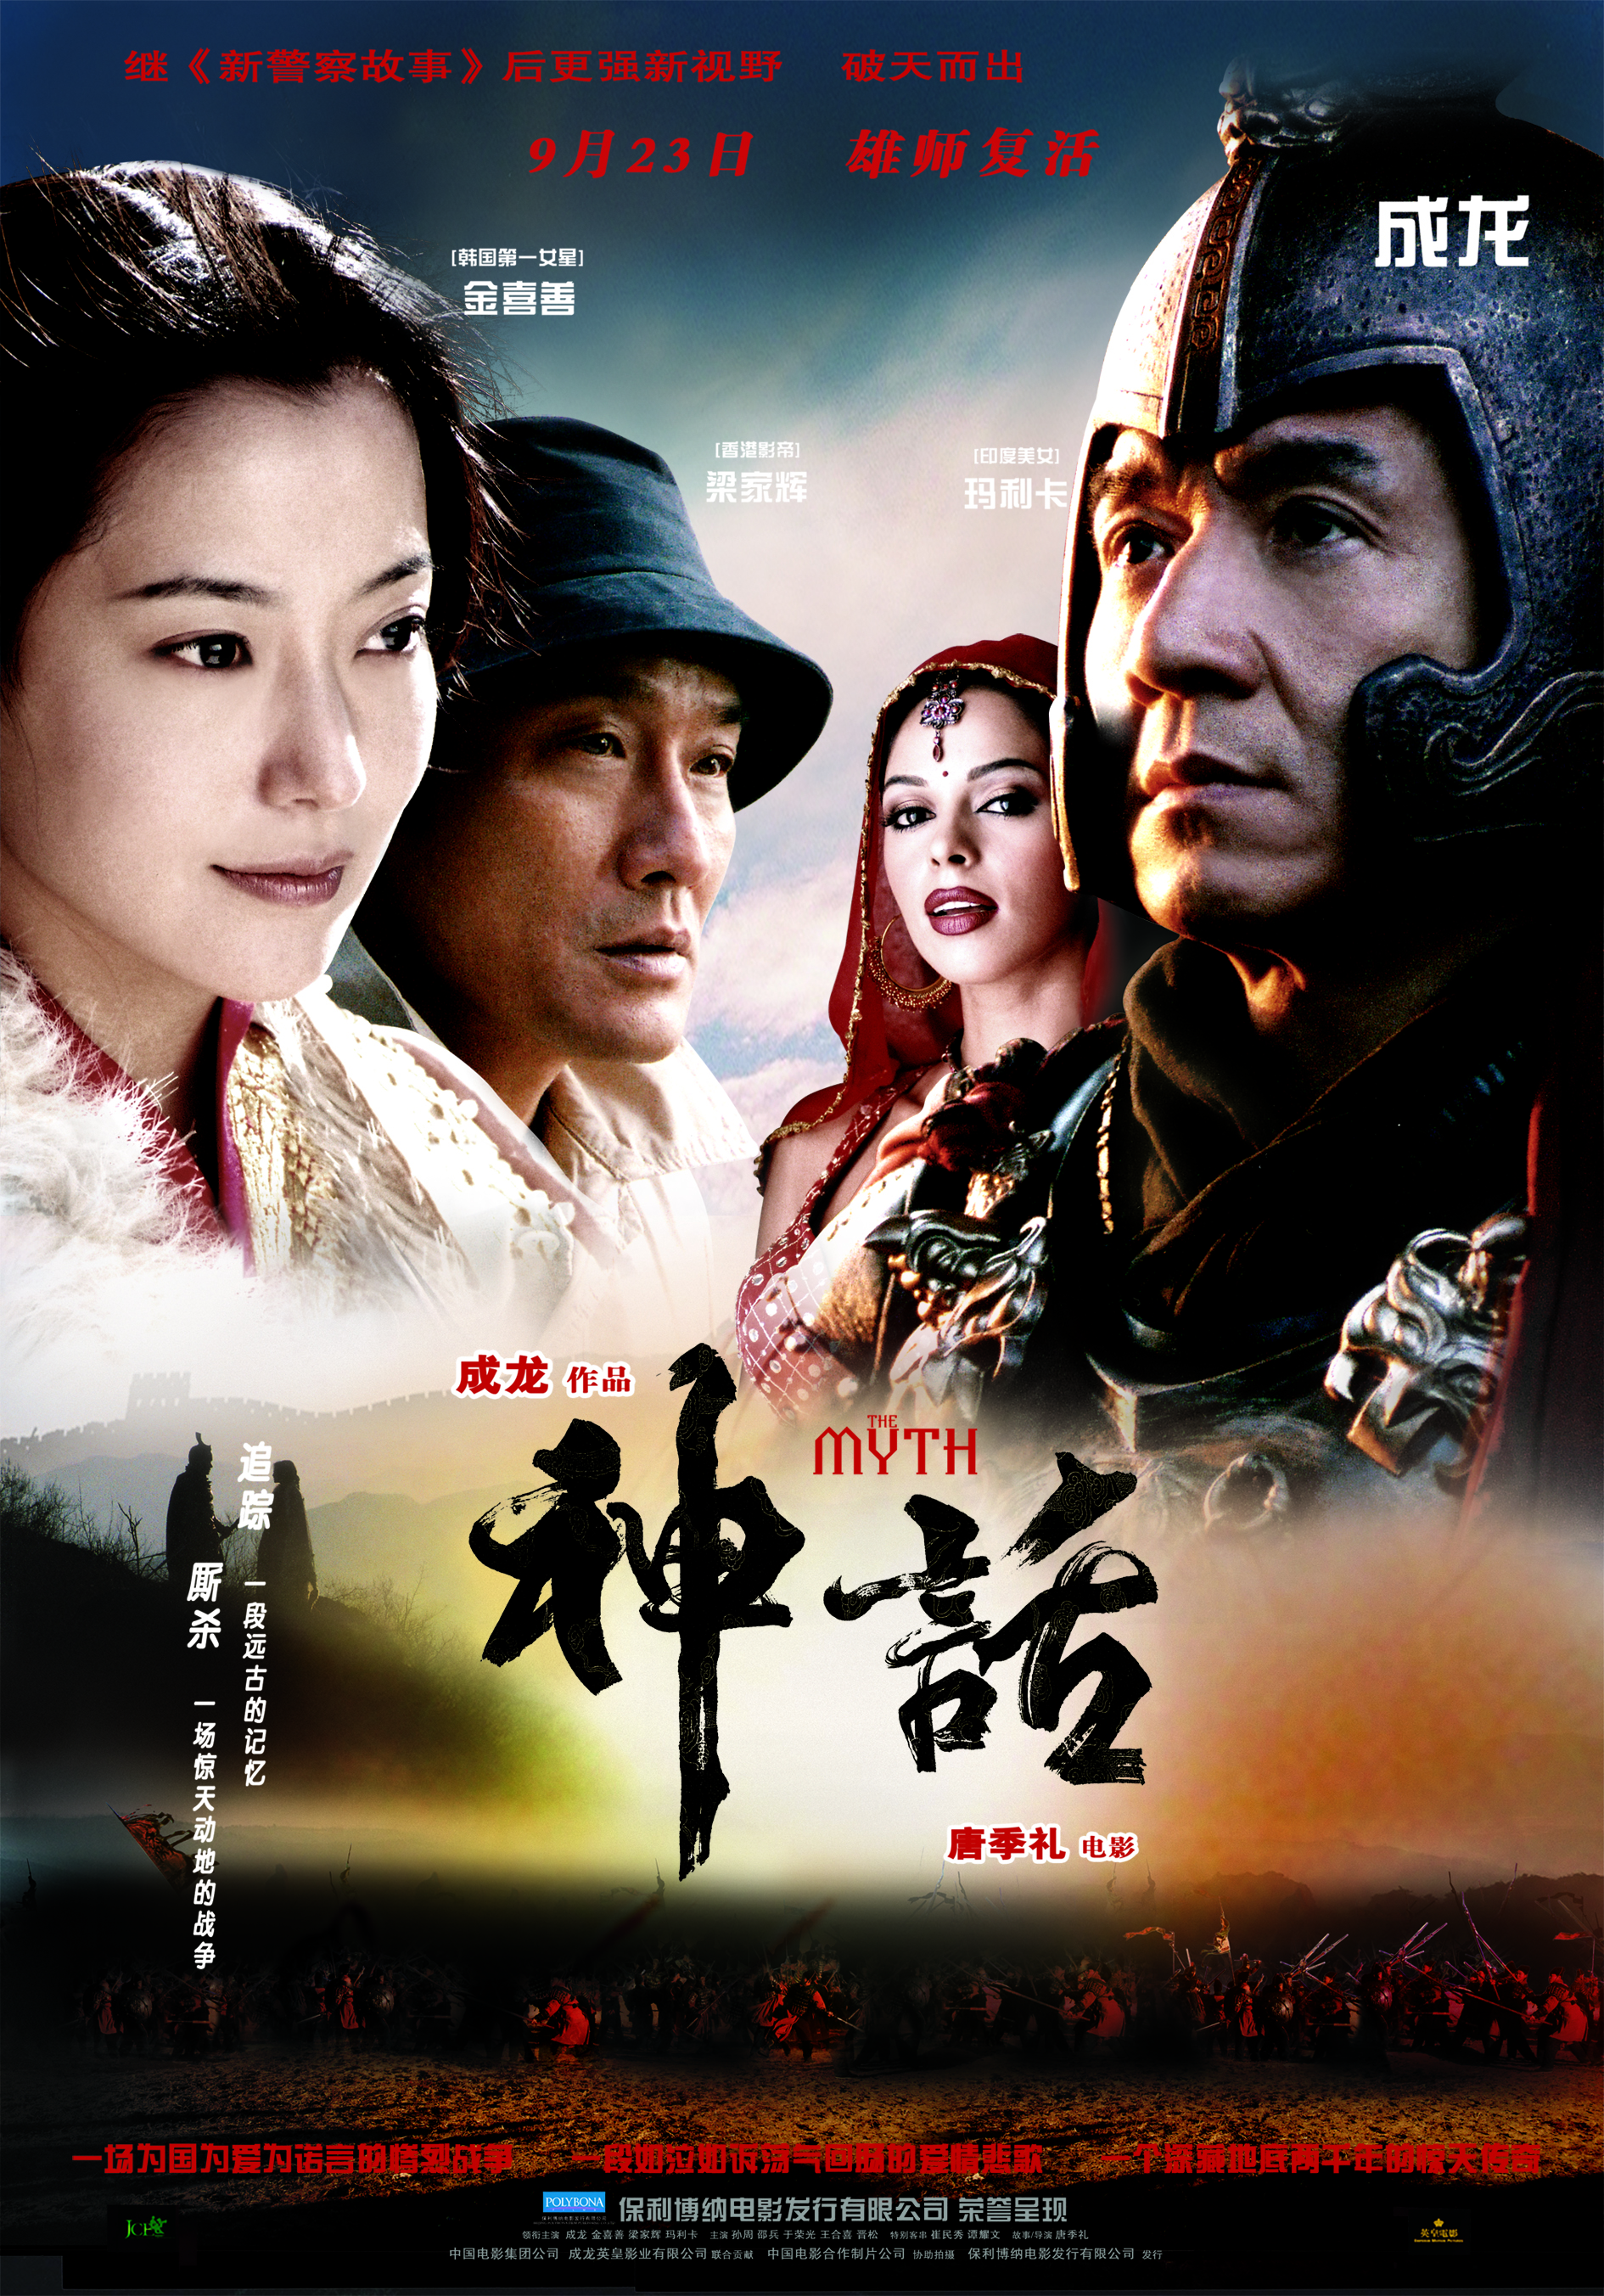 San wa (2005) - IMDb